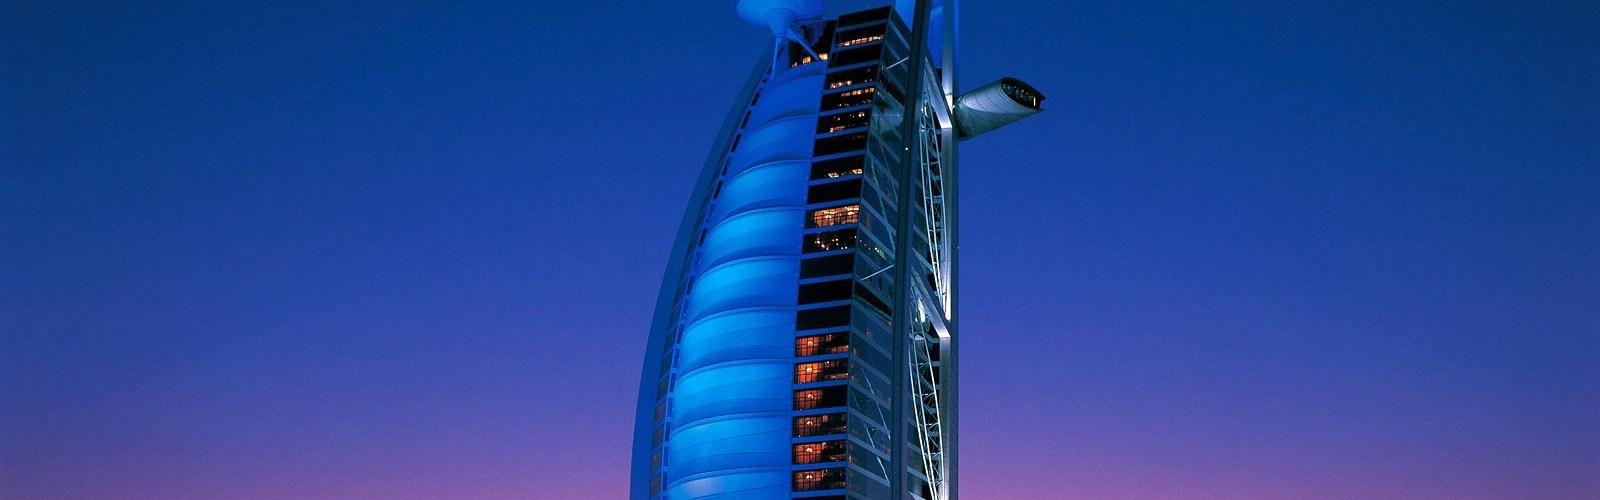 برج العرب فنادق دبي